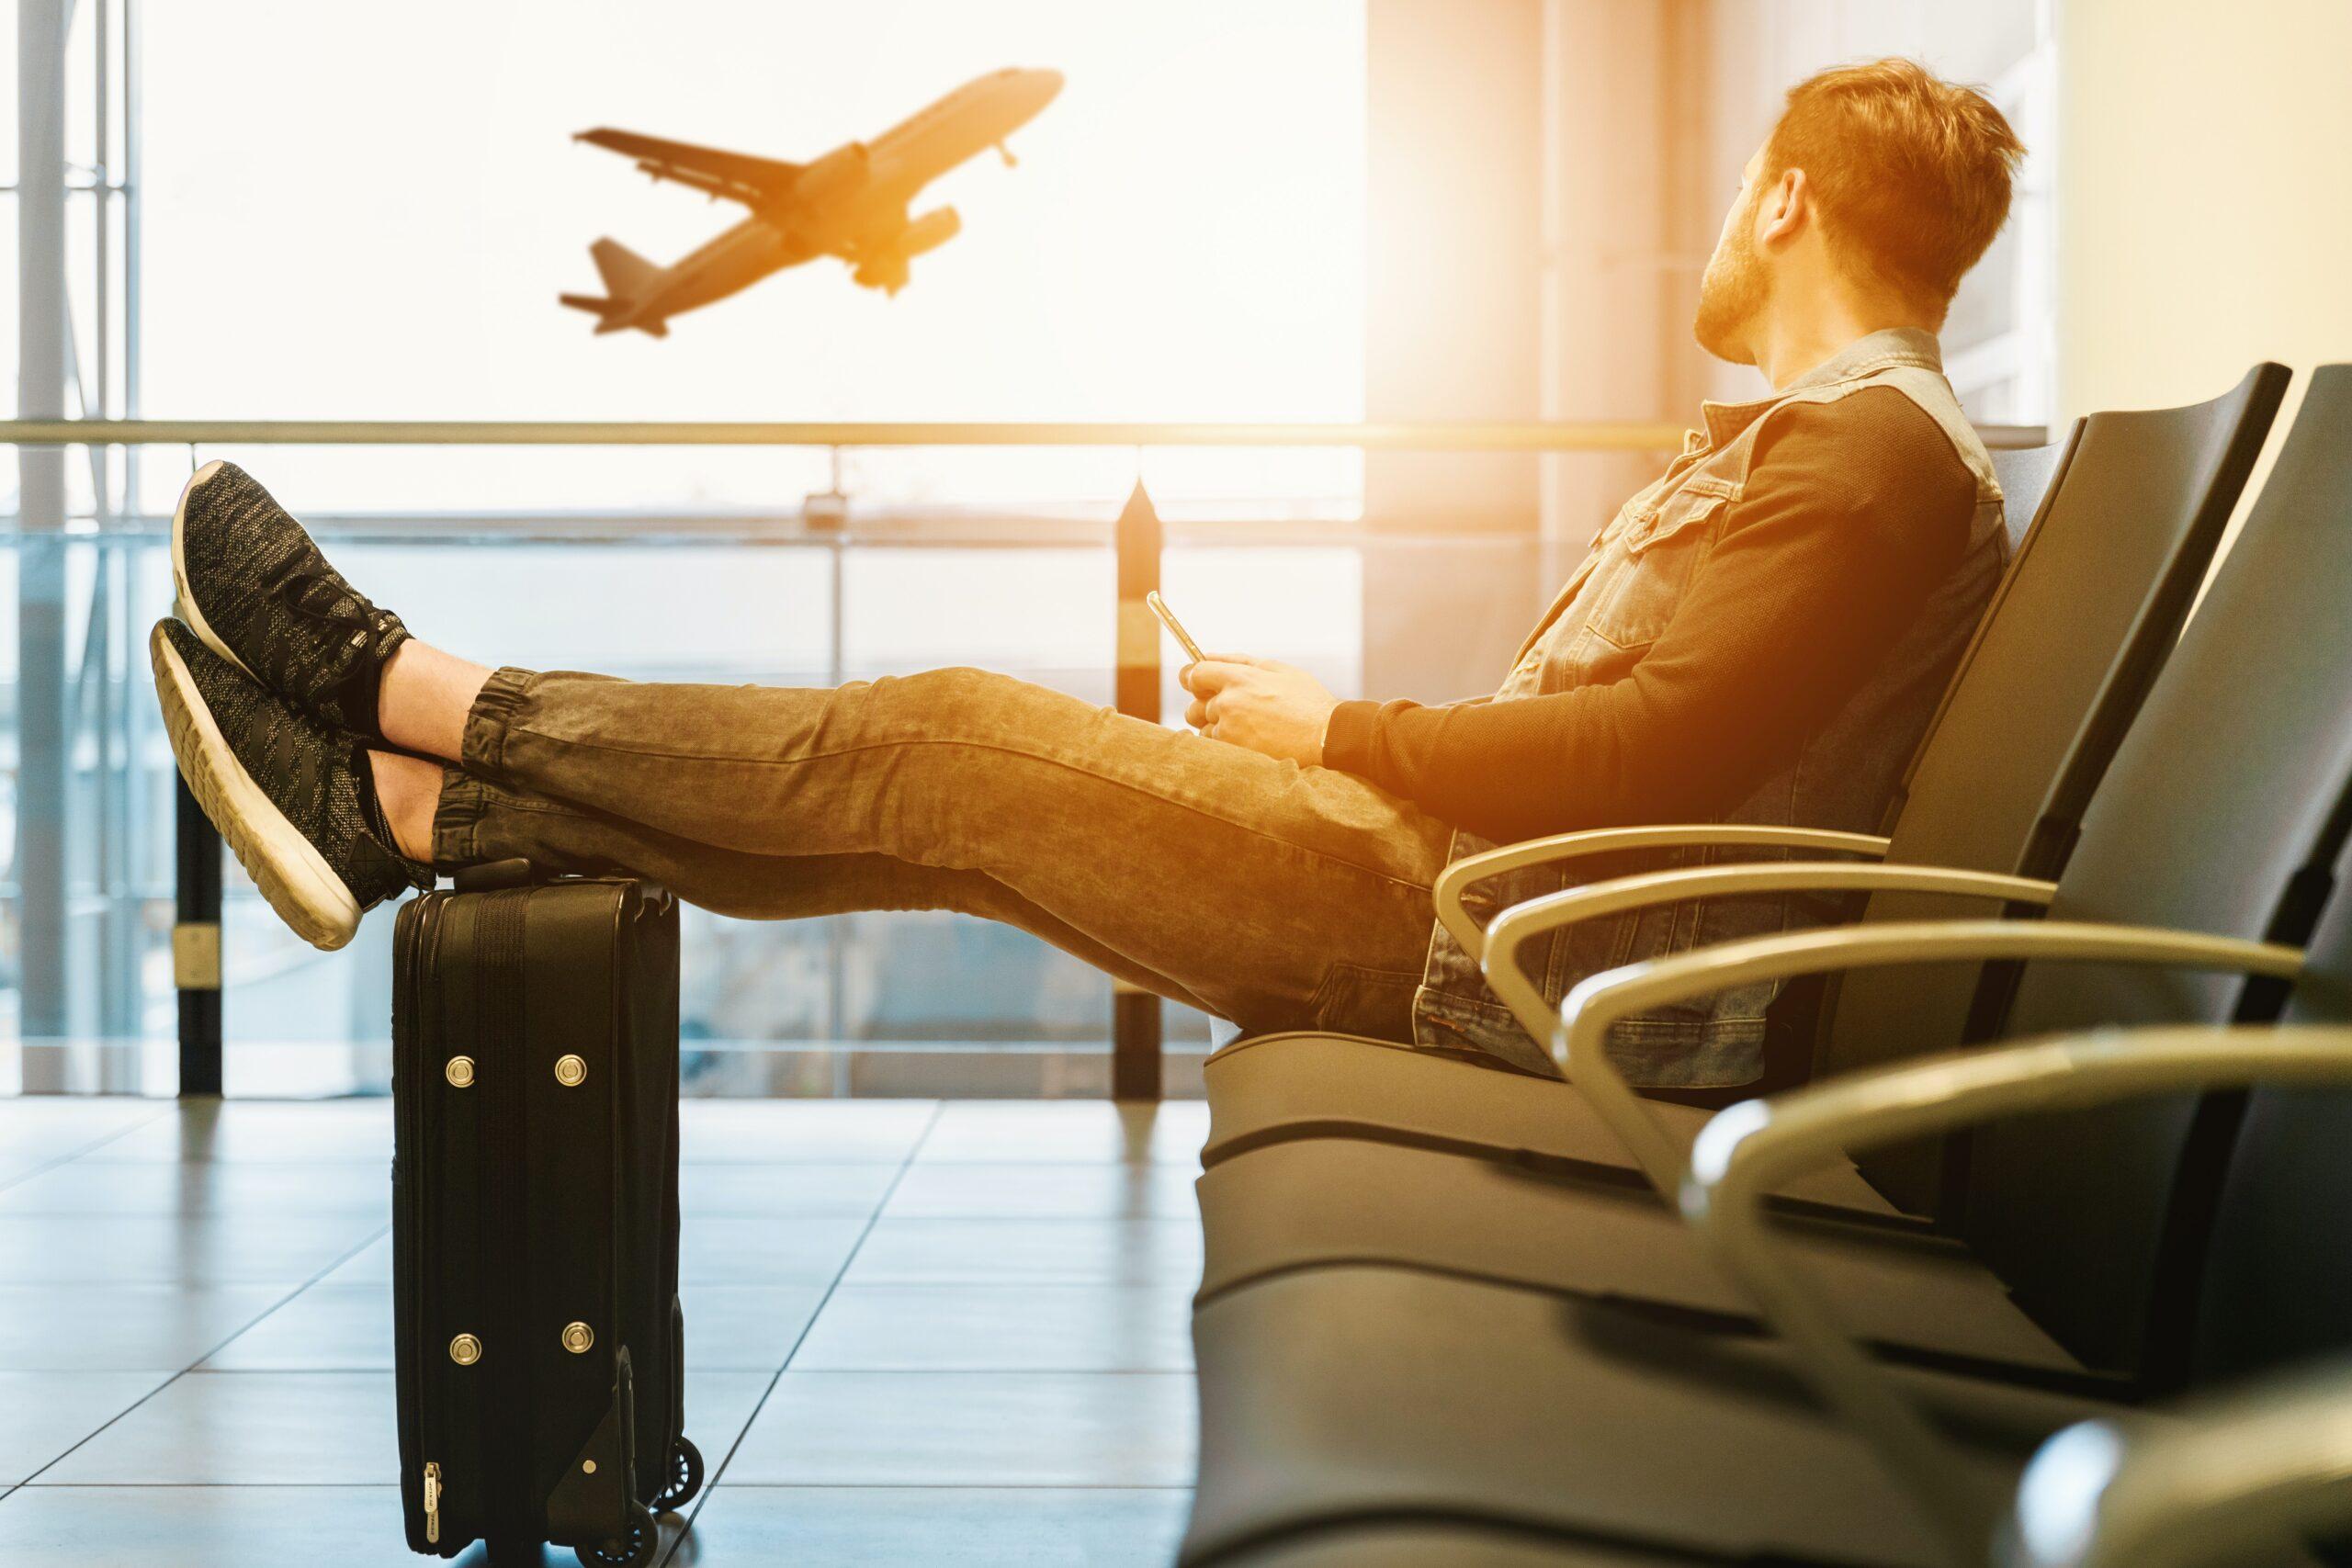 Bezpieczna podróż z ubezpieczeniem. Na co zwrócić uwagę?